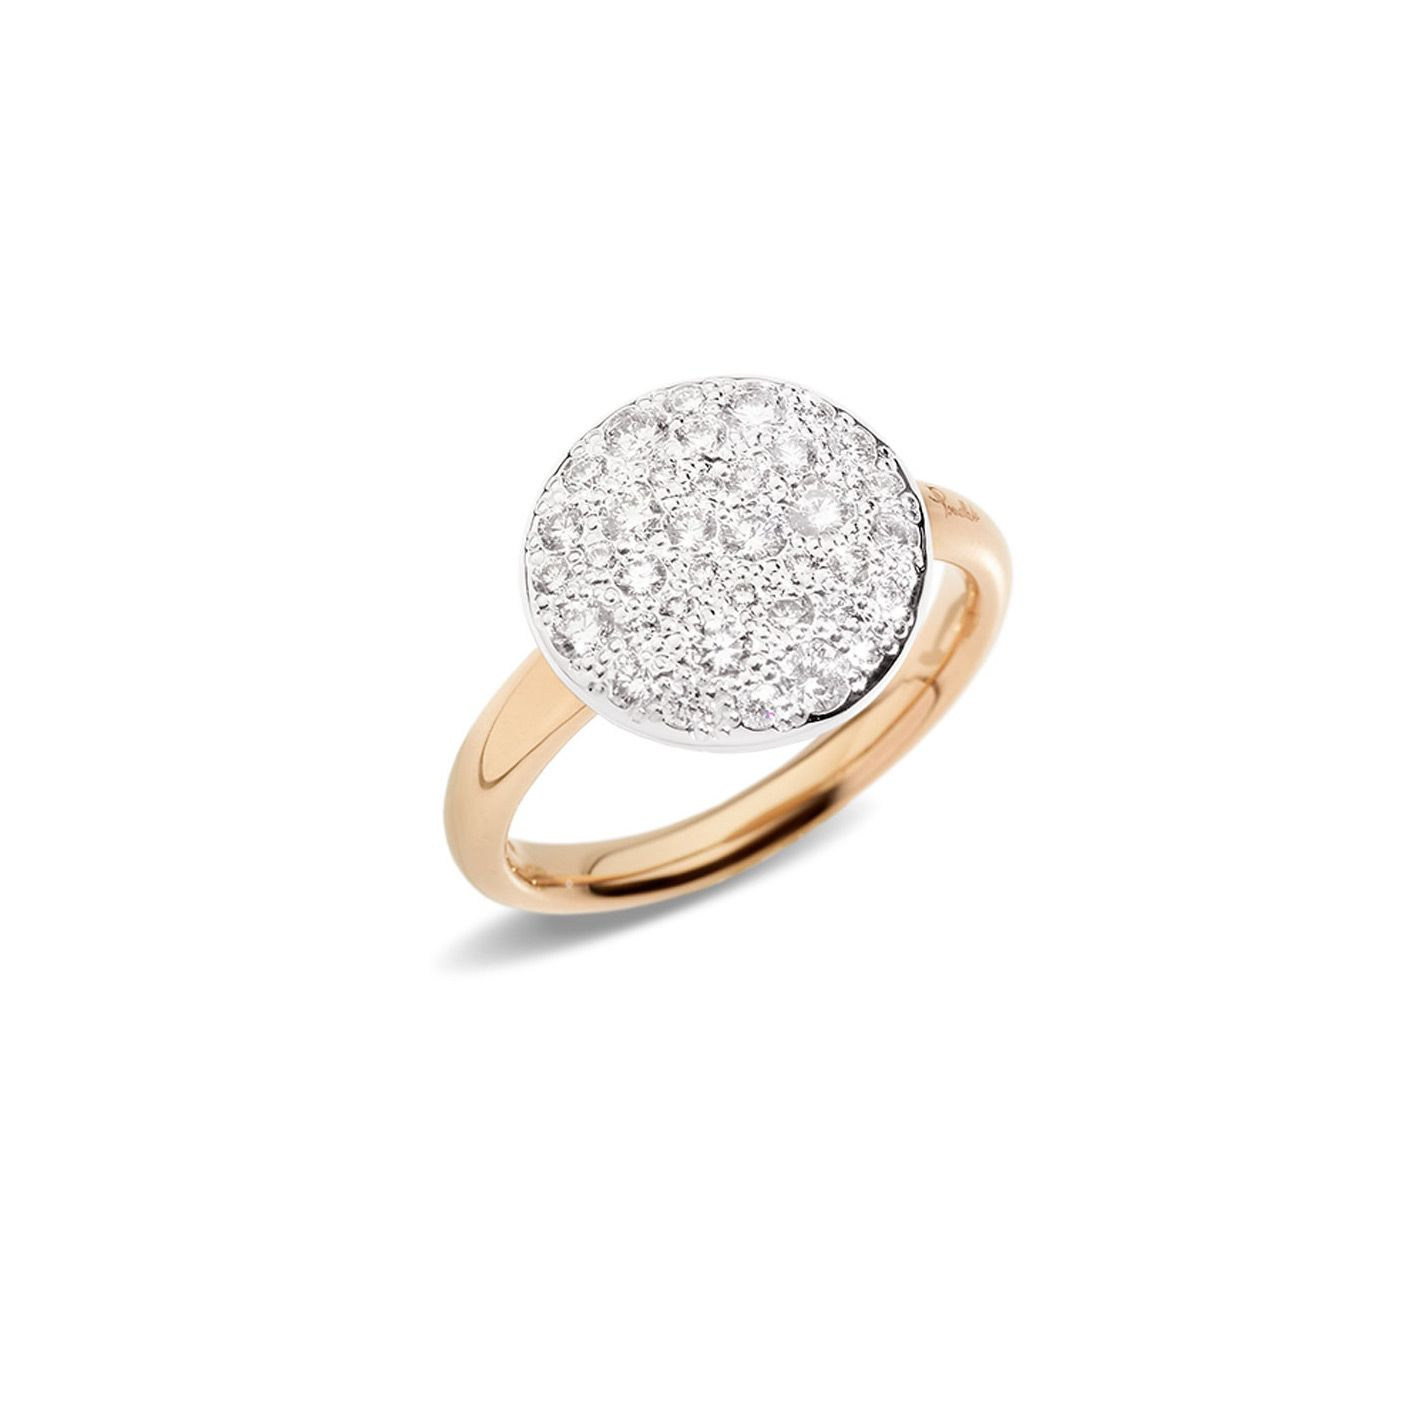 Bague Pomellato Sabbia en Or rose et Diamant vue 1